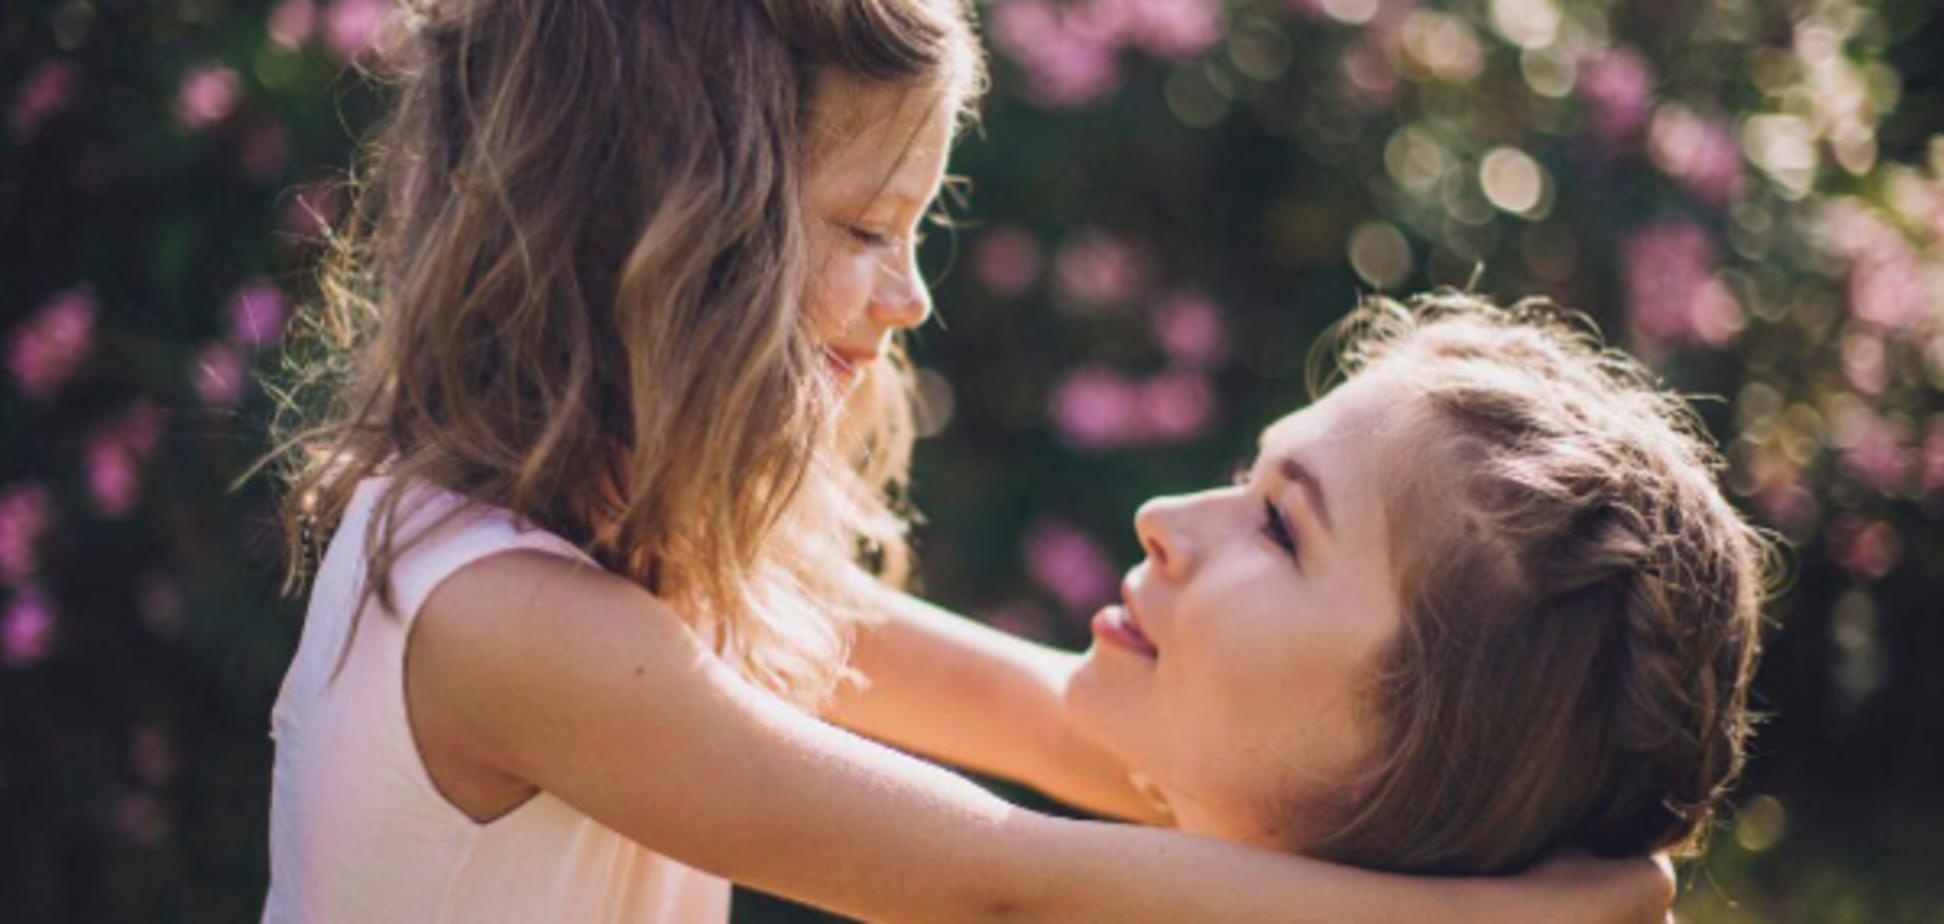 Соня Киперман поделилась трогательным снимком с младшей сестрой